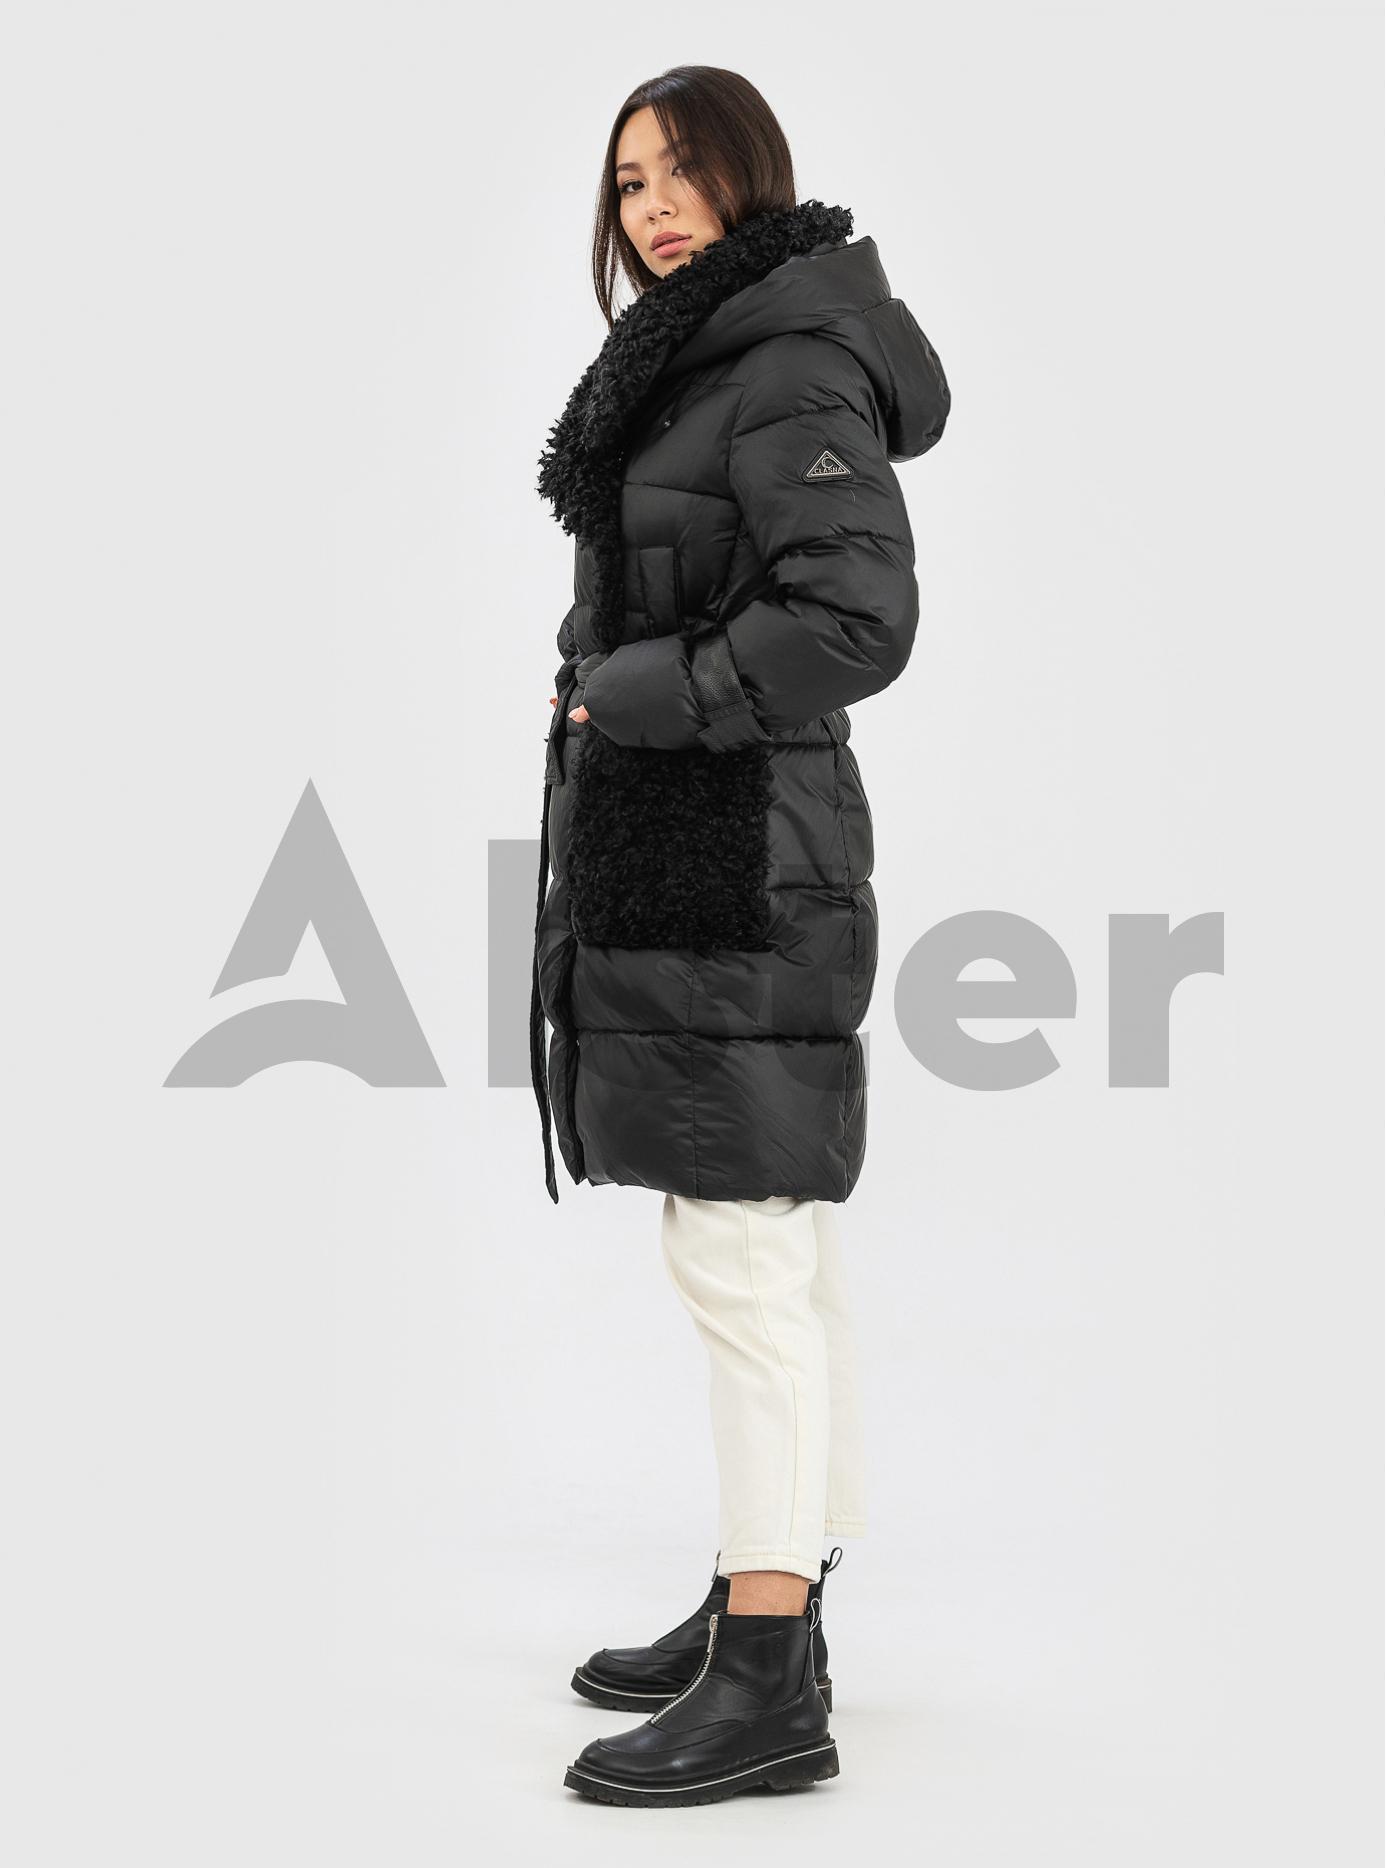 Жіночий пуховик з хутром на комірі CLASNA Чорний L (21D8226CQ-03): фото - Alster.ua